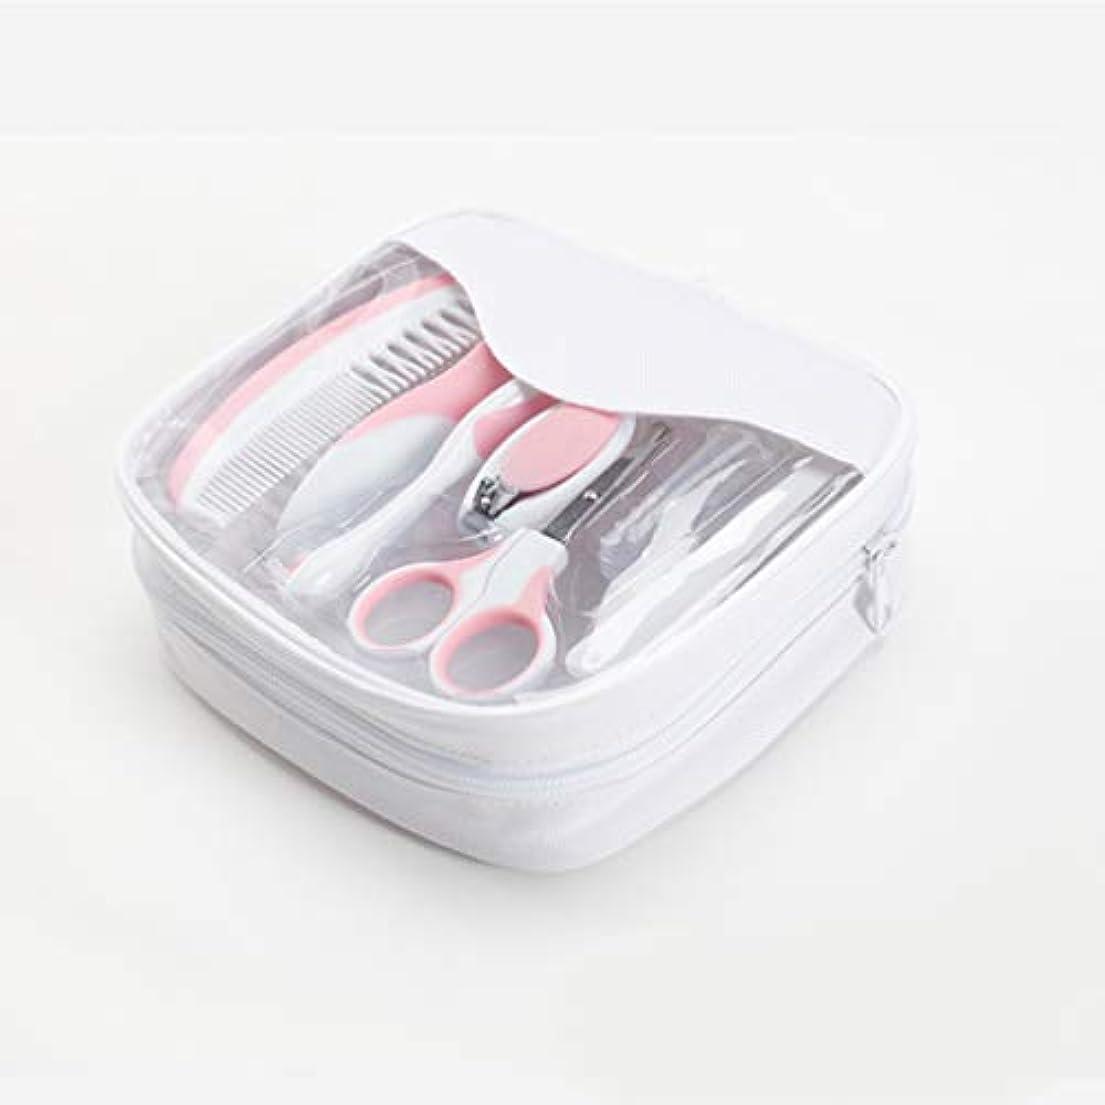 国民蒸発在庫ベビーネイルクリッパーセット、7ポータブルベビー製品ネイルケア子供ネイルハサミ安全はさみのセット,Pink